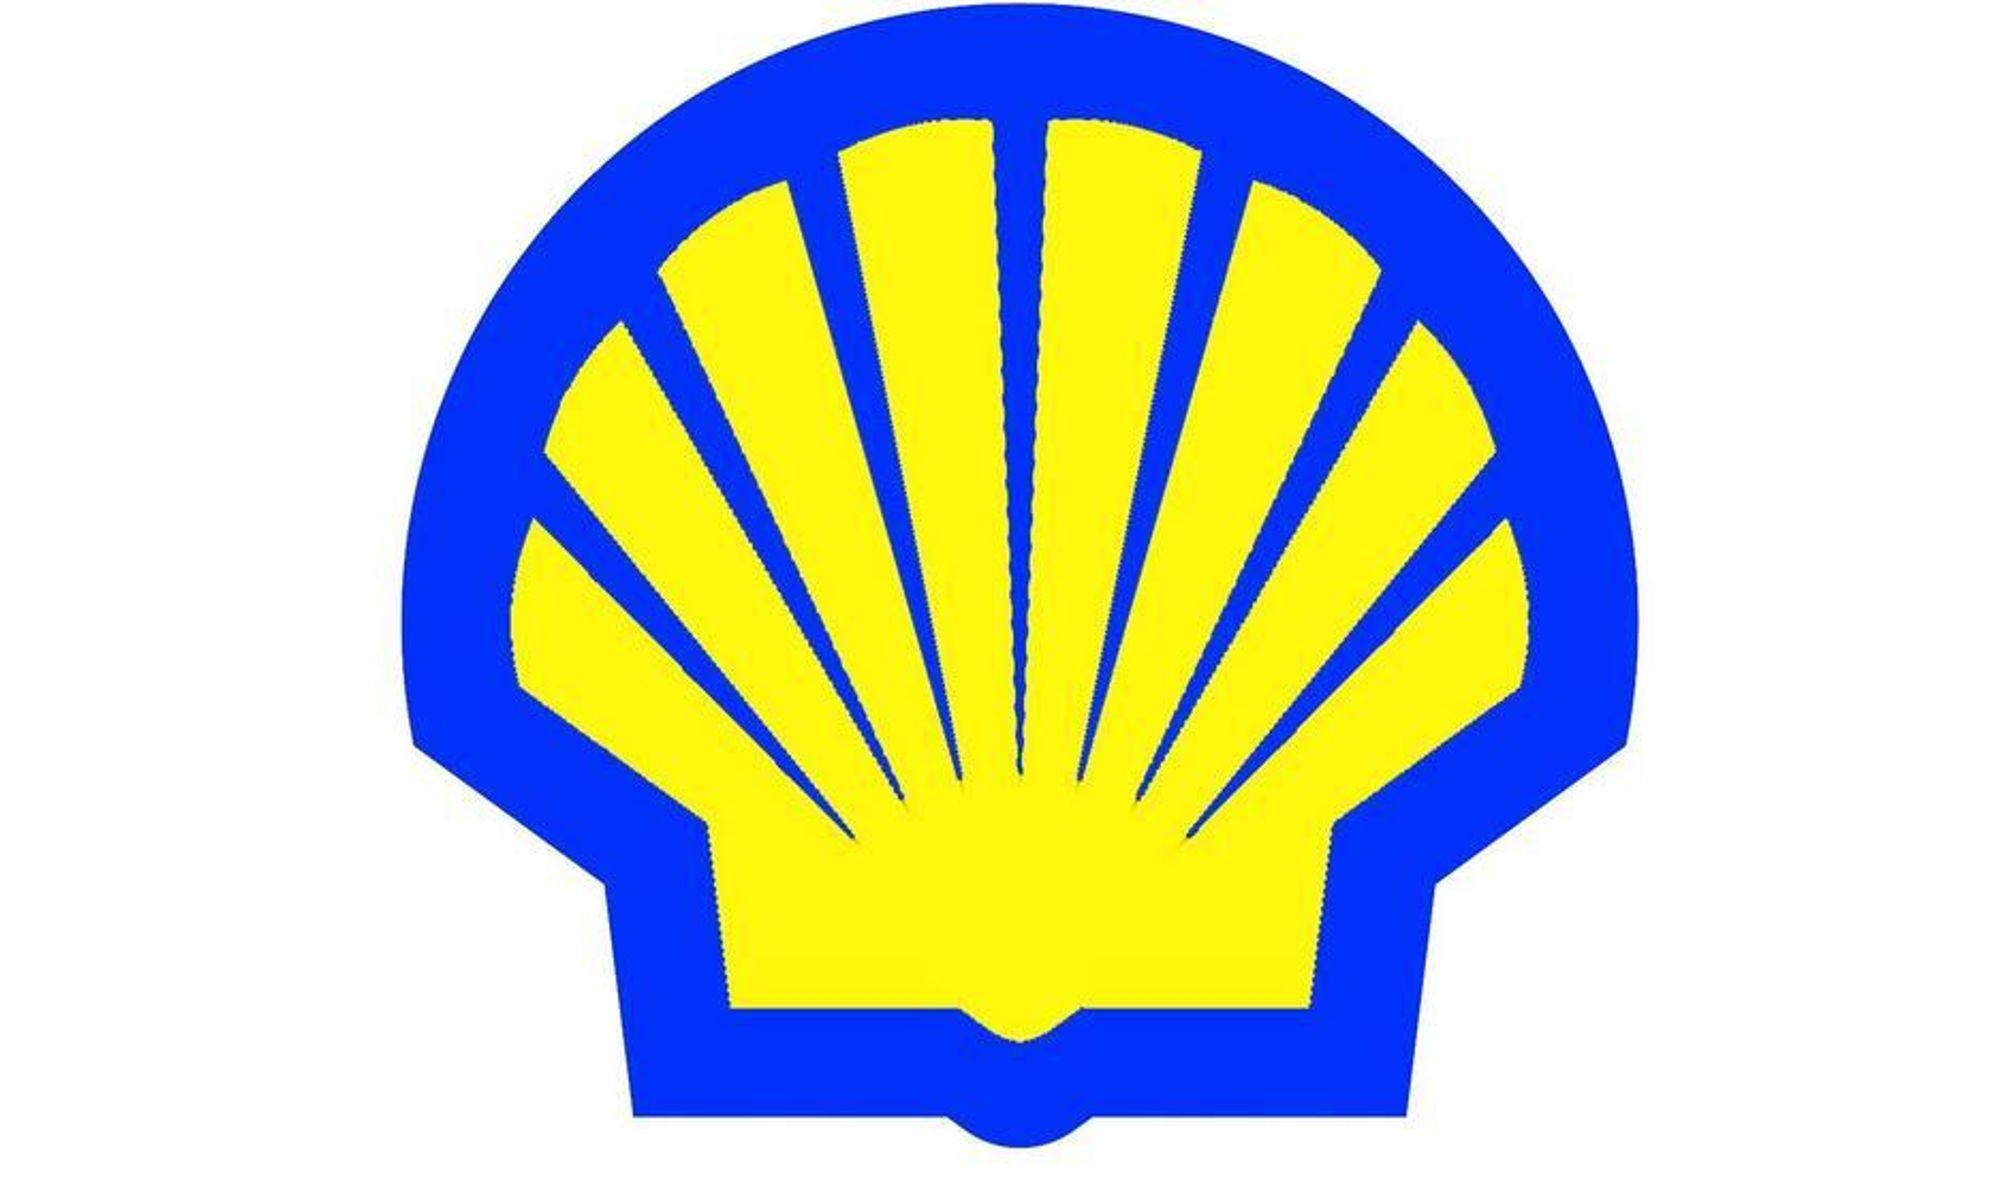 SHELL SATSER SVENSK: Det kan være nok naturgass under Skåne til å dekke svenskenes forbruk i flere tiår, tror Shell. Nå vil de bore i tre kommuner.